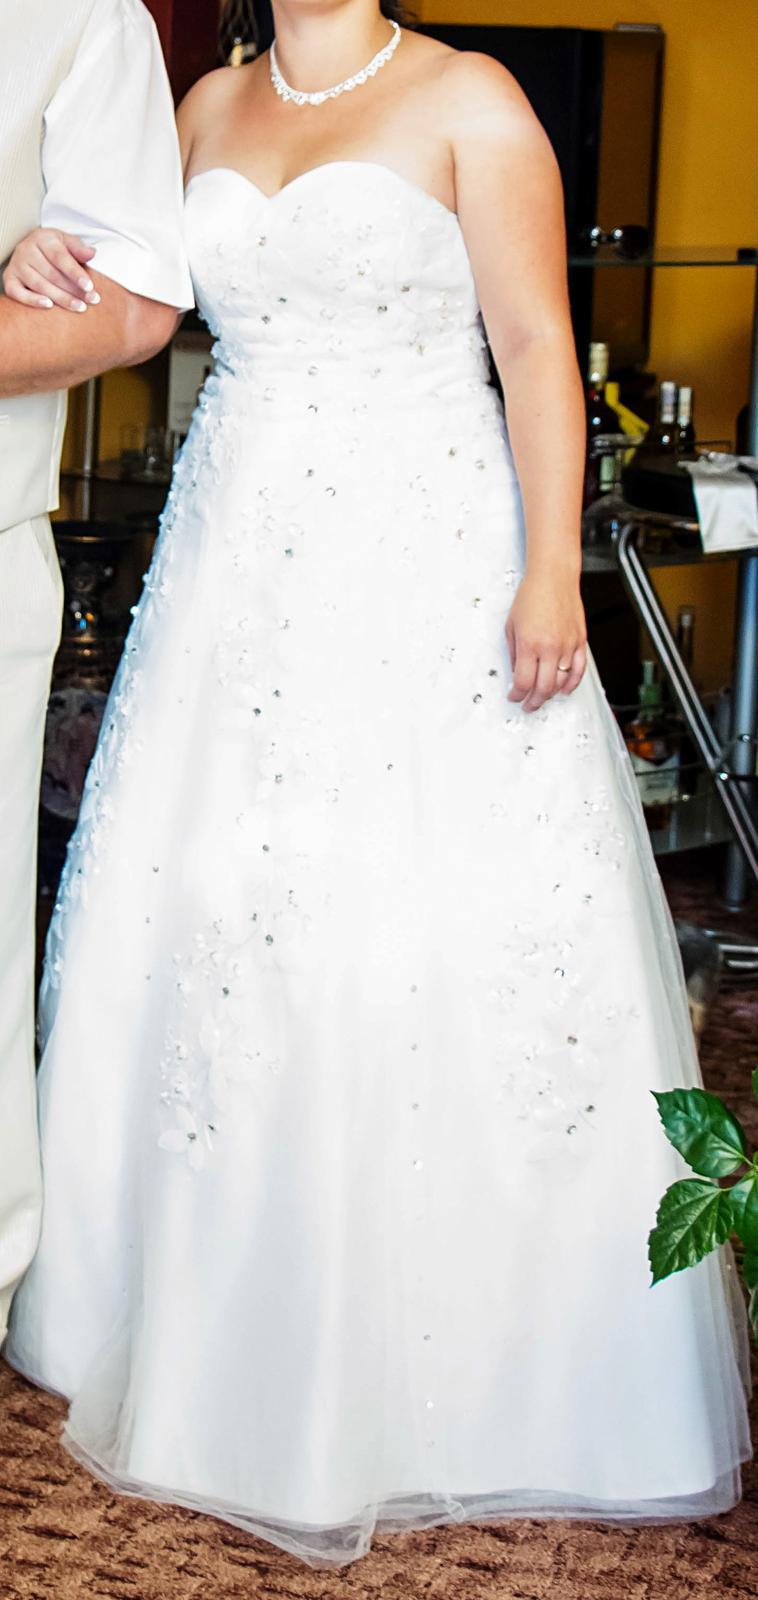 c33b7a84239f Svatební šaty vel. 36 40